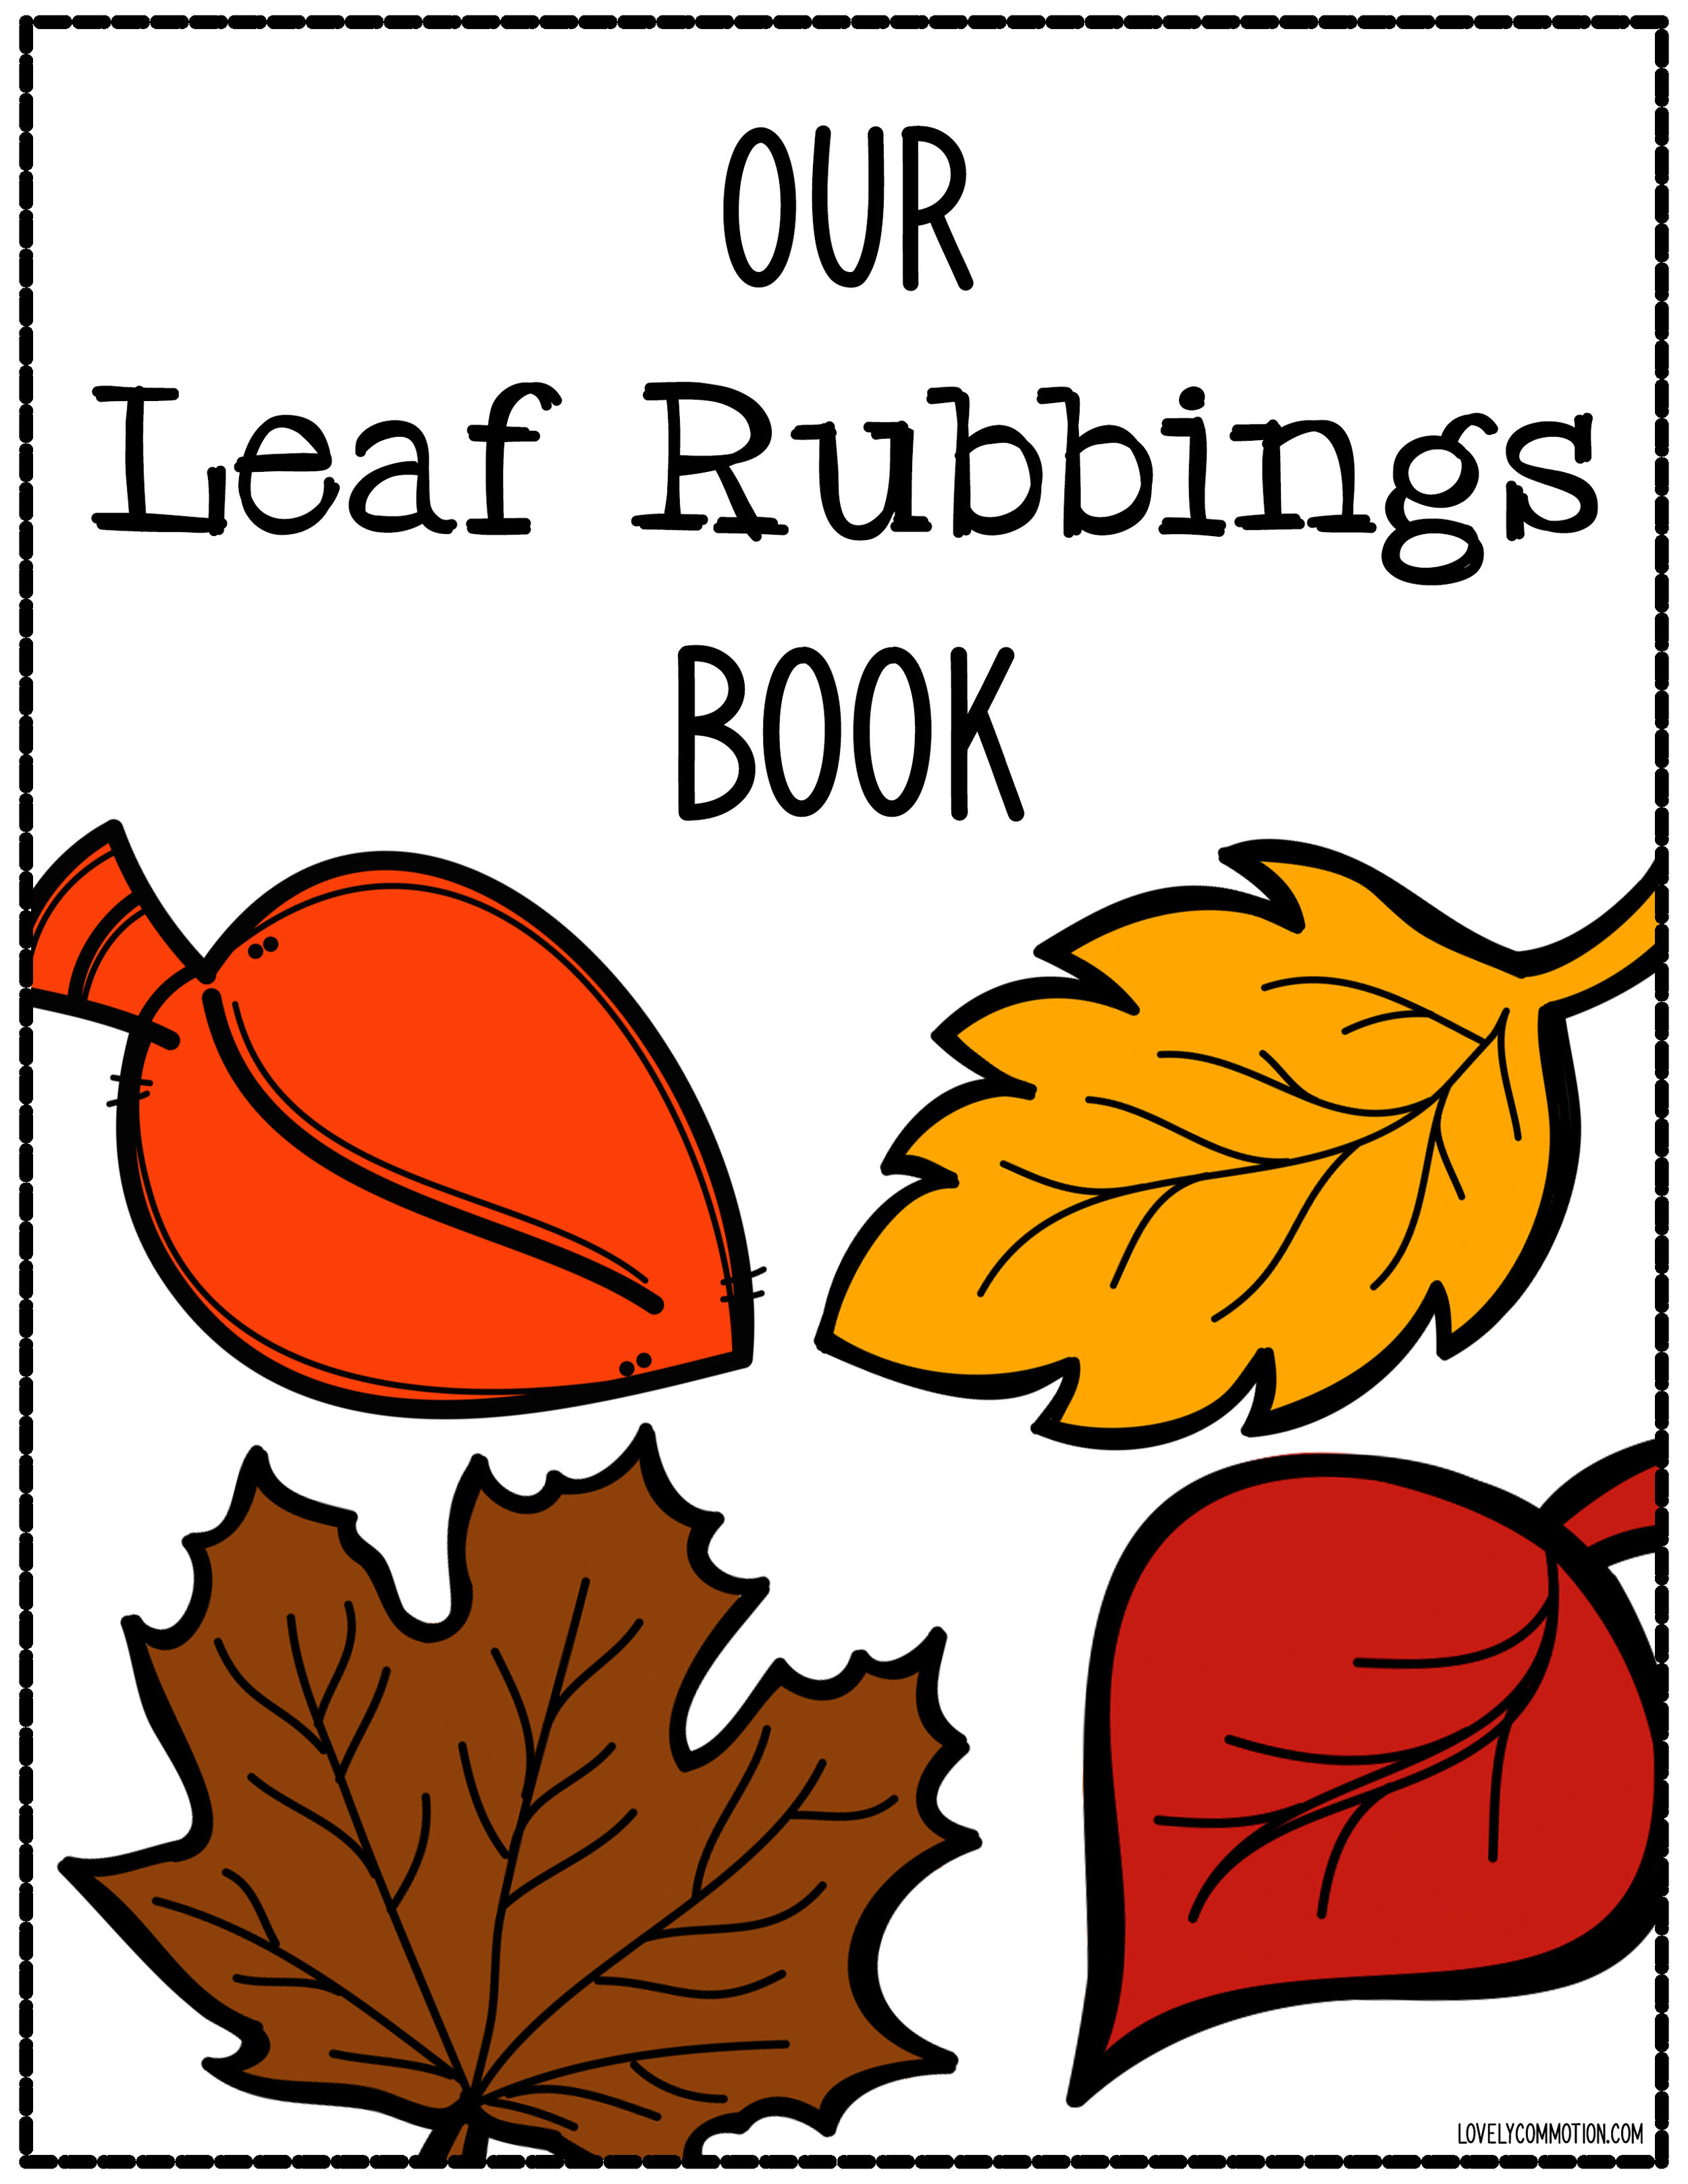 leaf rubbings book.jpg